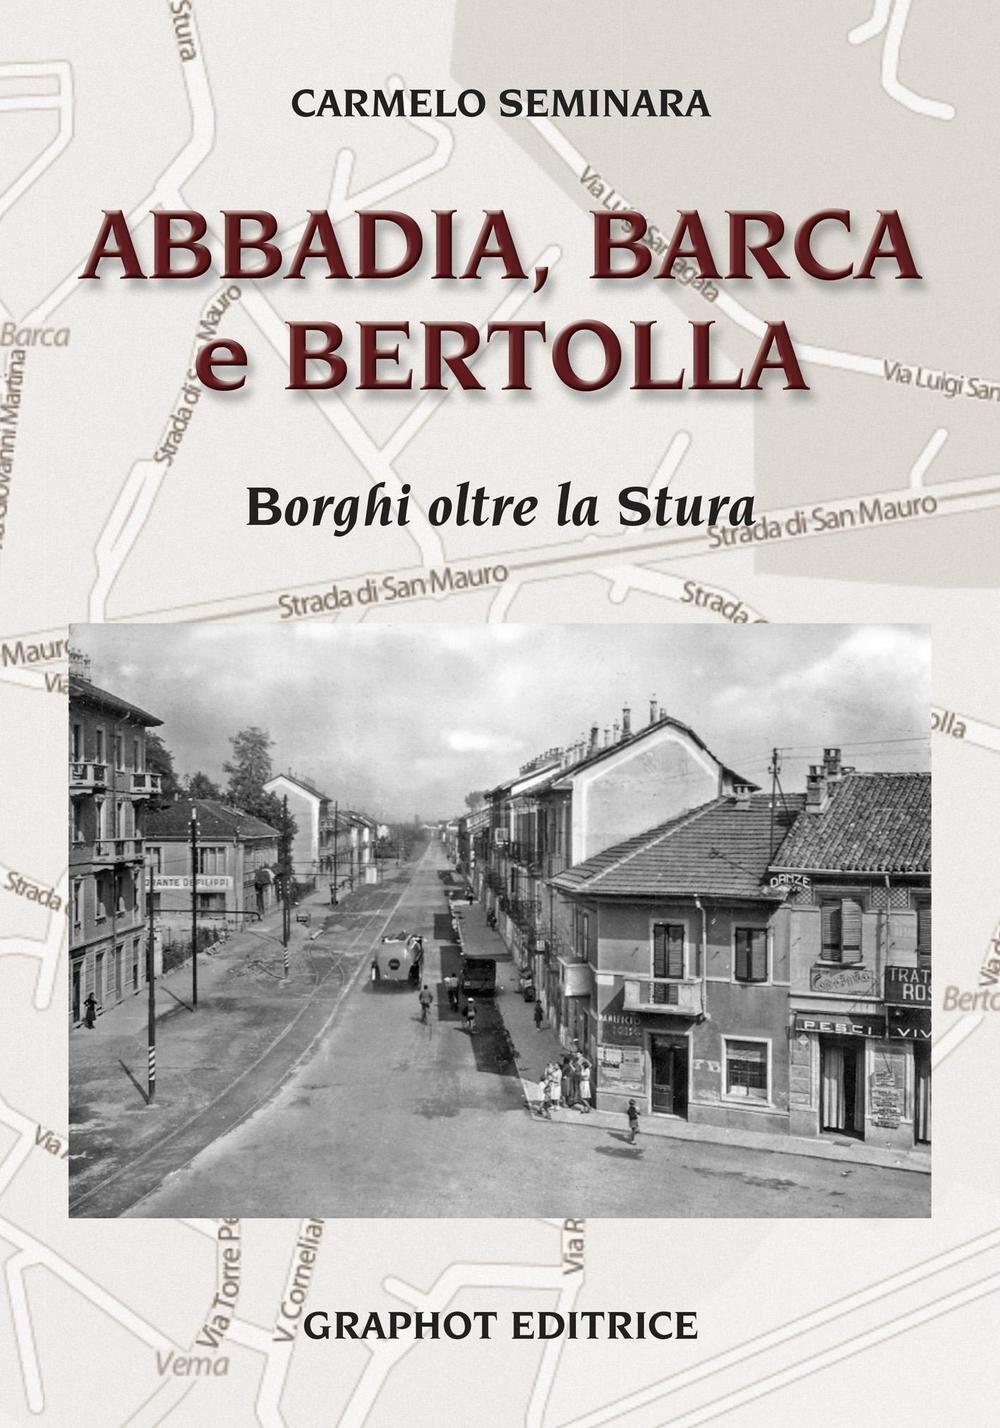 Abbadia, Barca e Bertolla. Borghi oltre la Stura